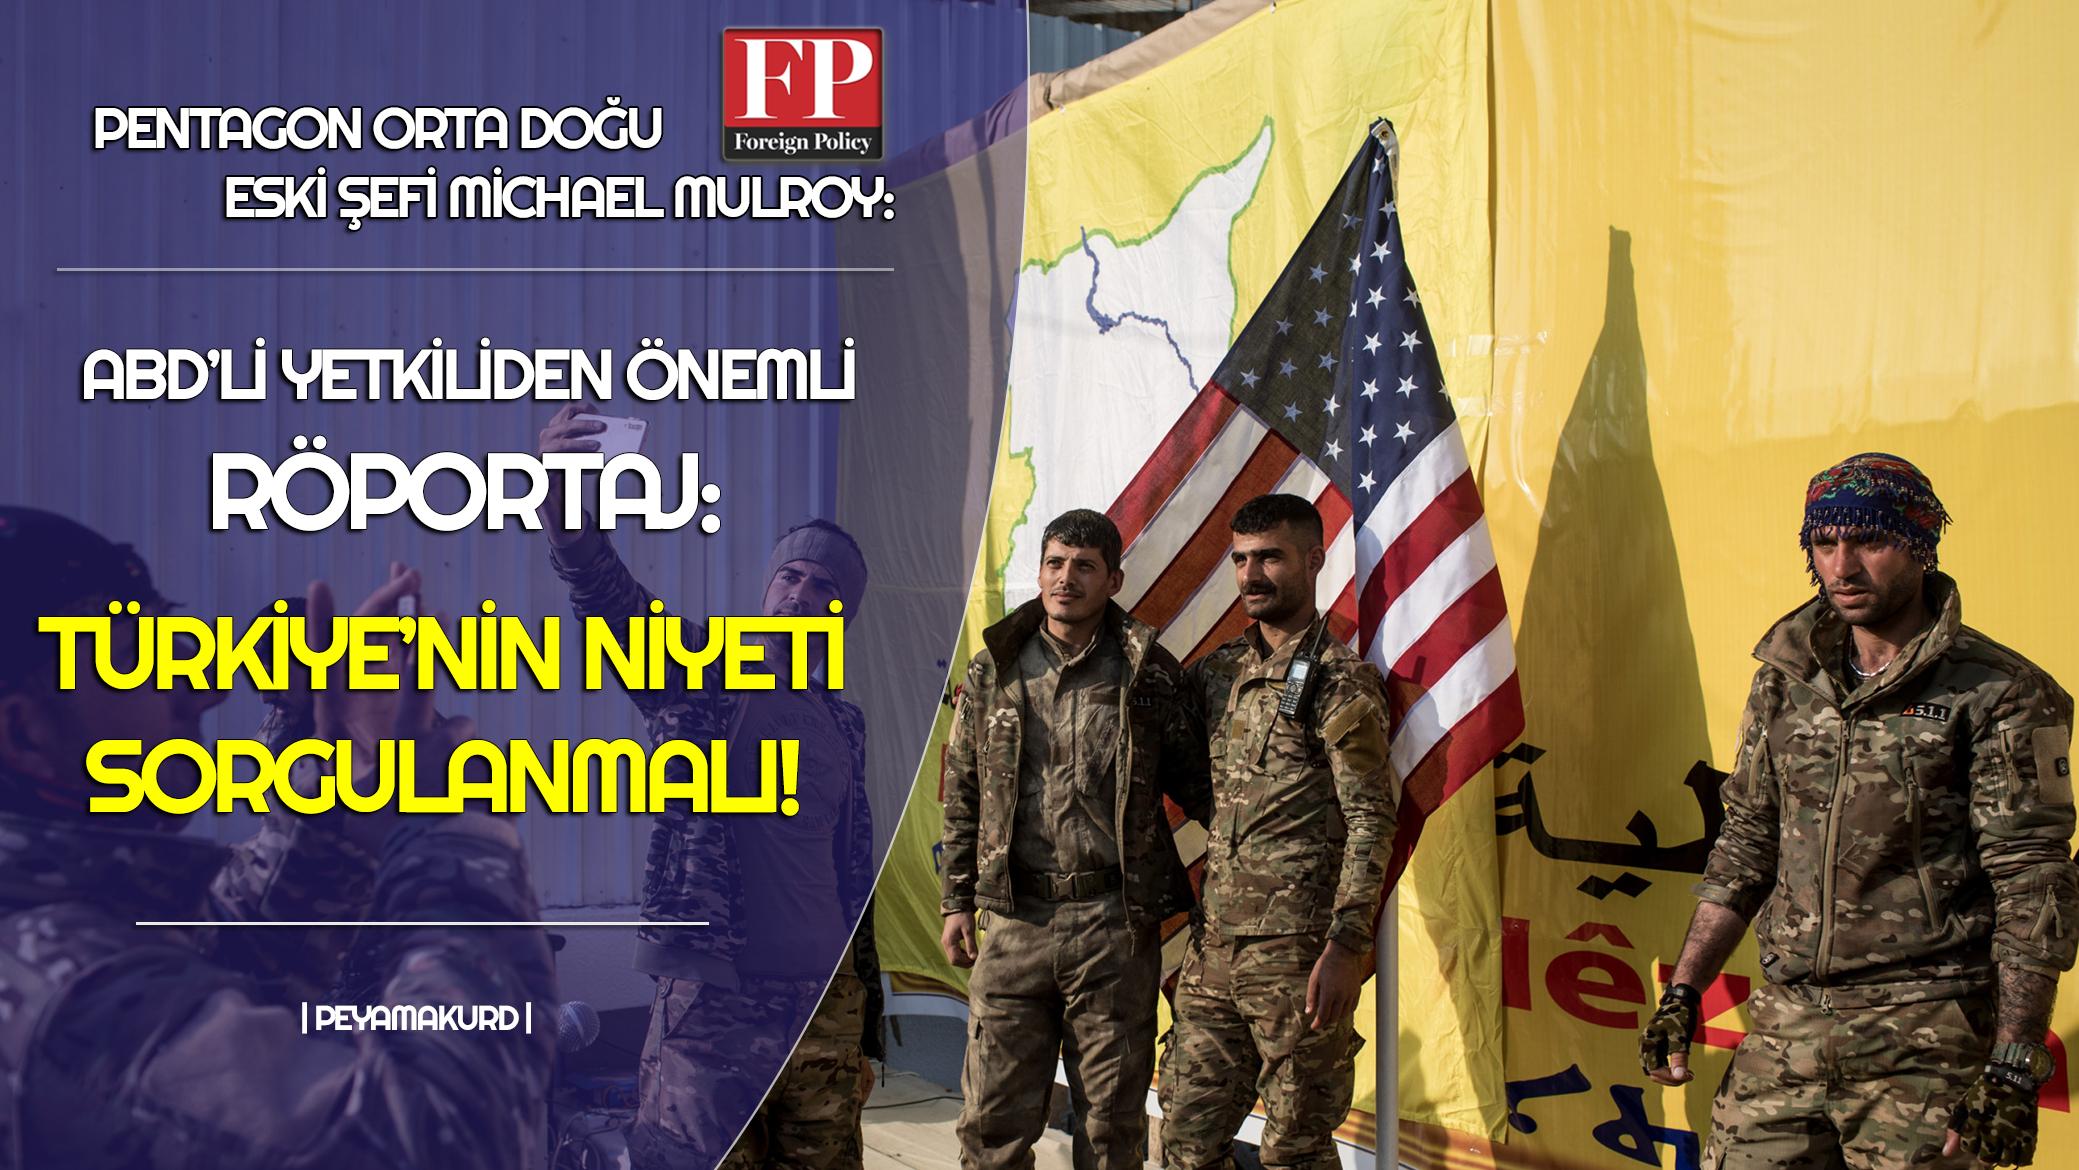 ABD'li diplomattan Rojava itirafı: Sadece teslim olduk!